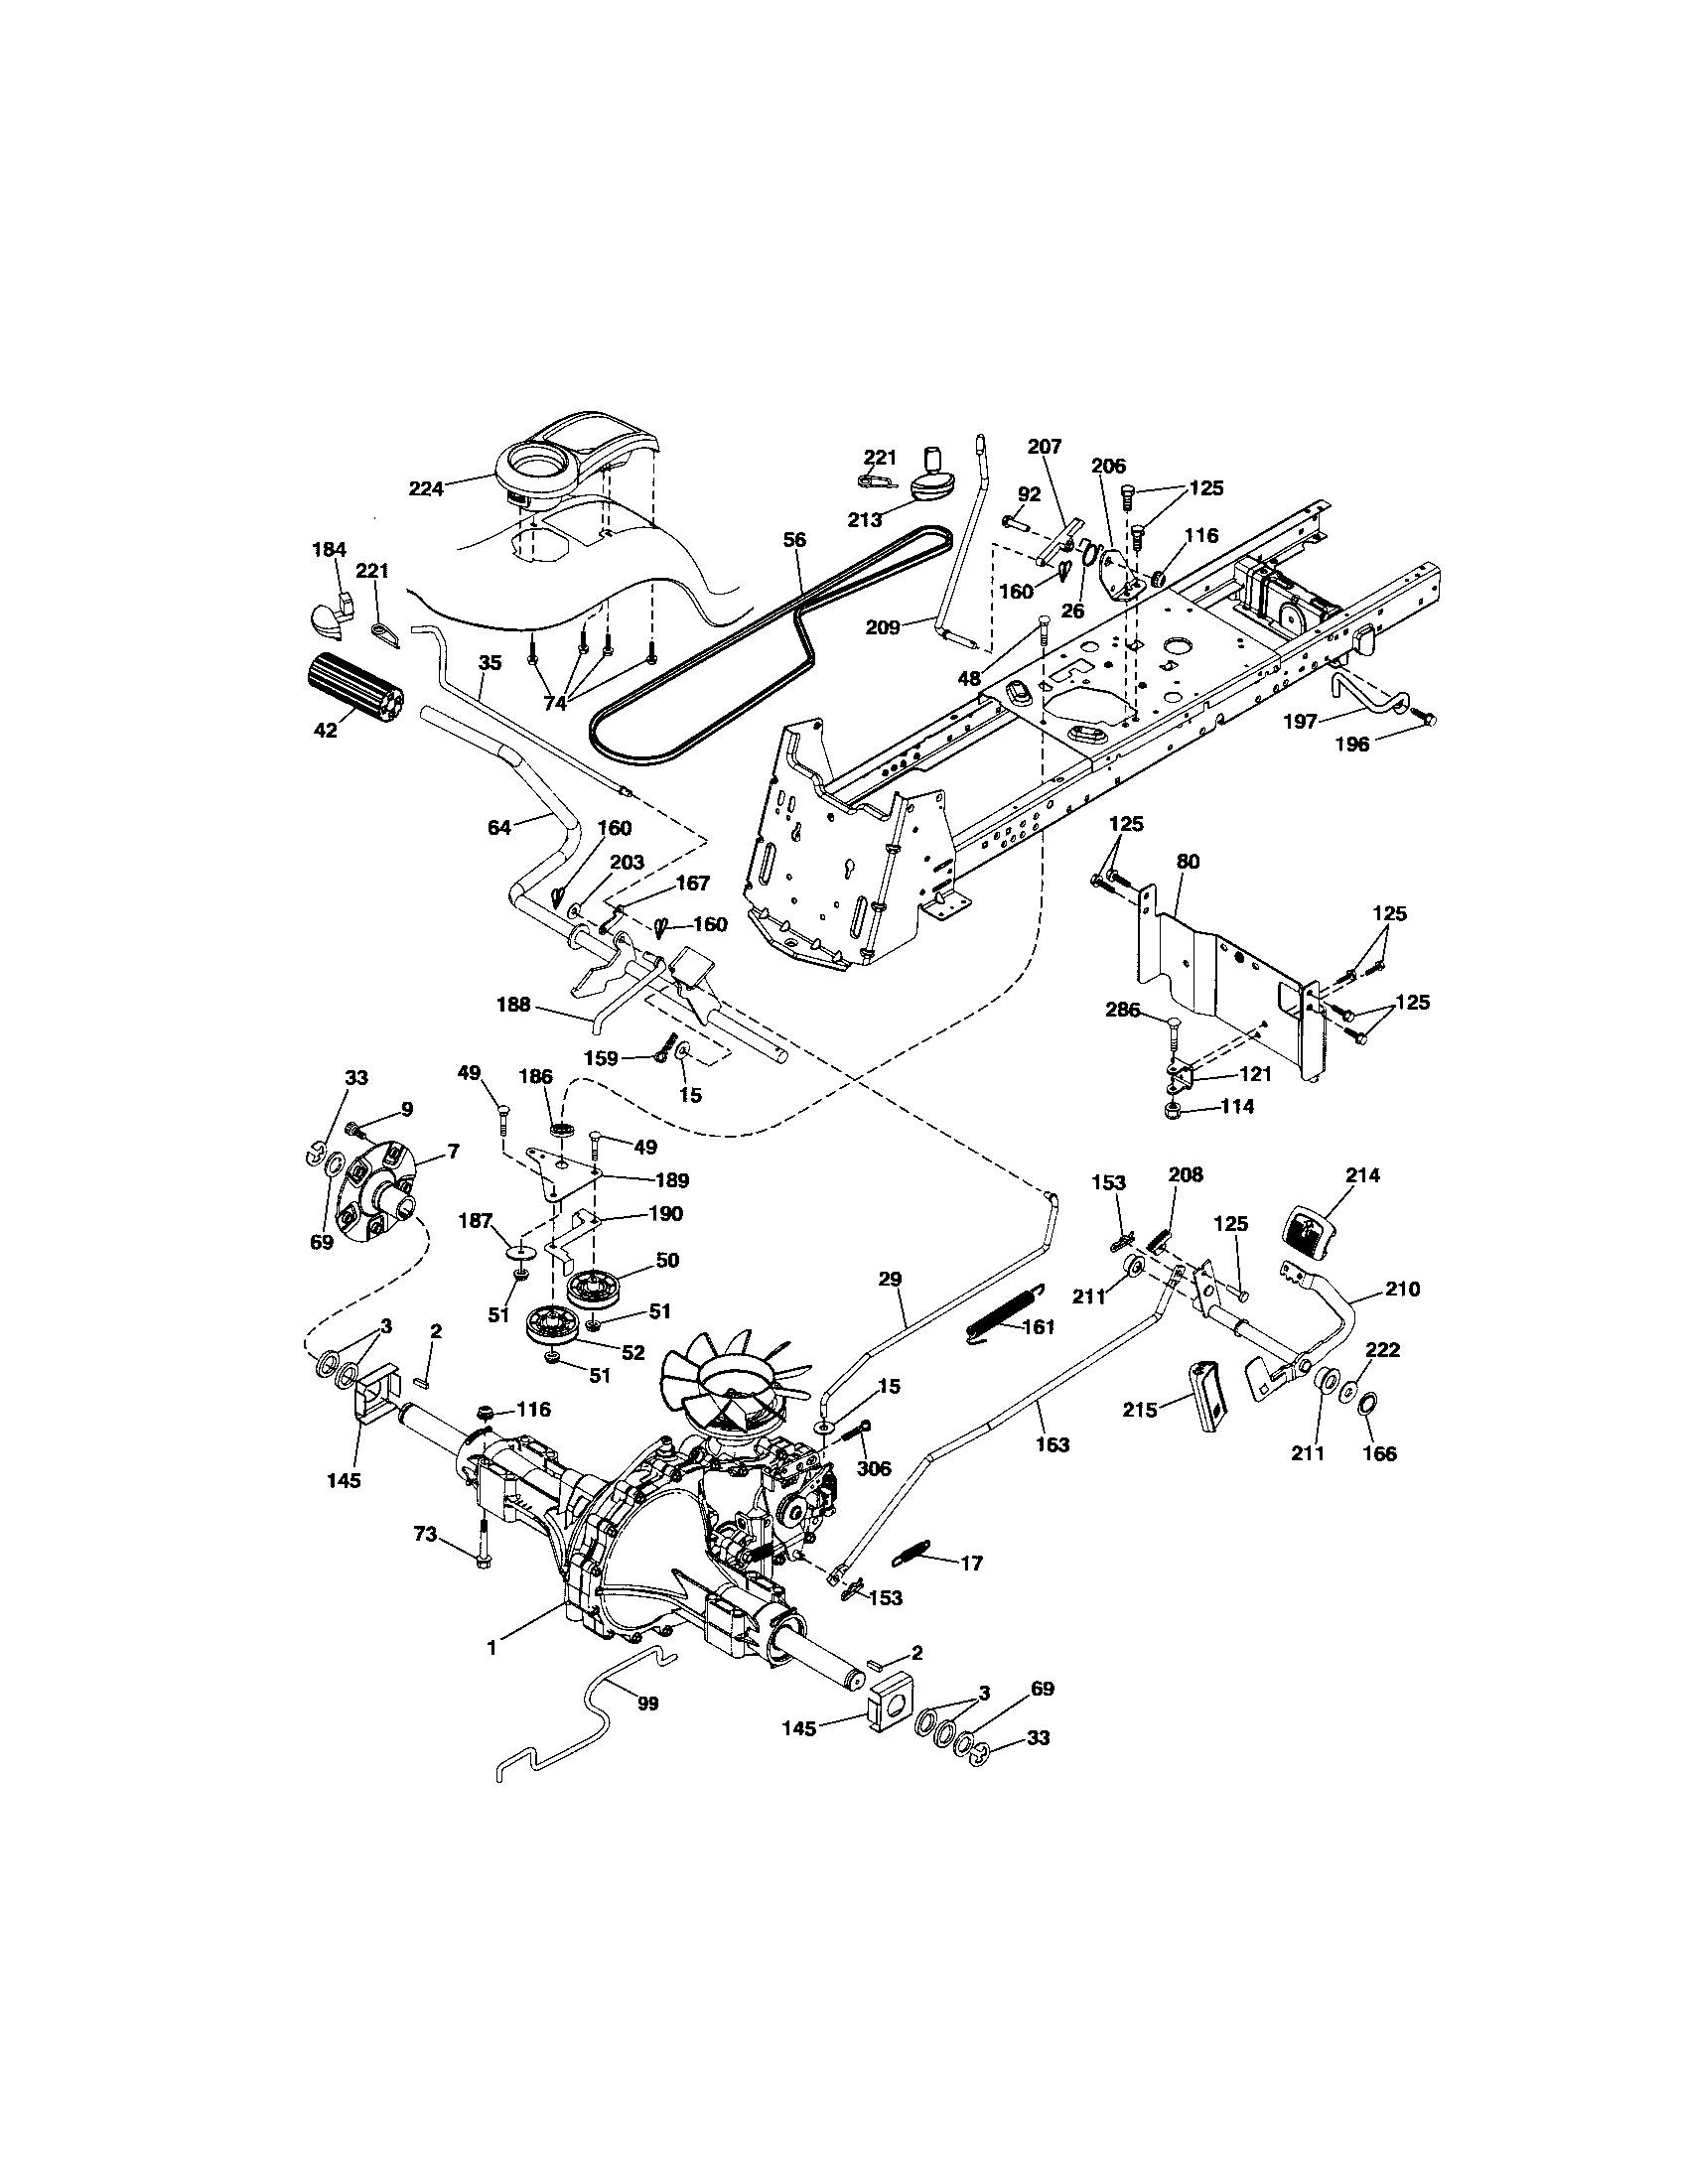 Craftsman Tractor Parts Diagram 917 Craftsman 26 Hp 54 Inch Automatic Garden Tractor Of Craftsman Tractor Parts Diagram